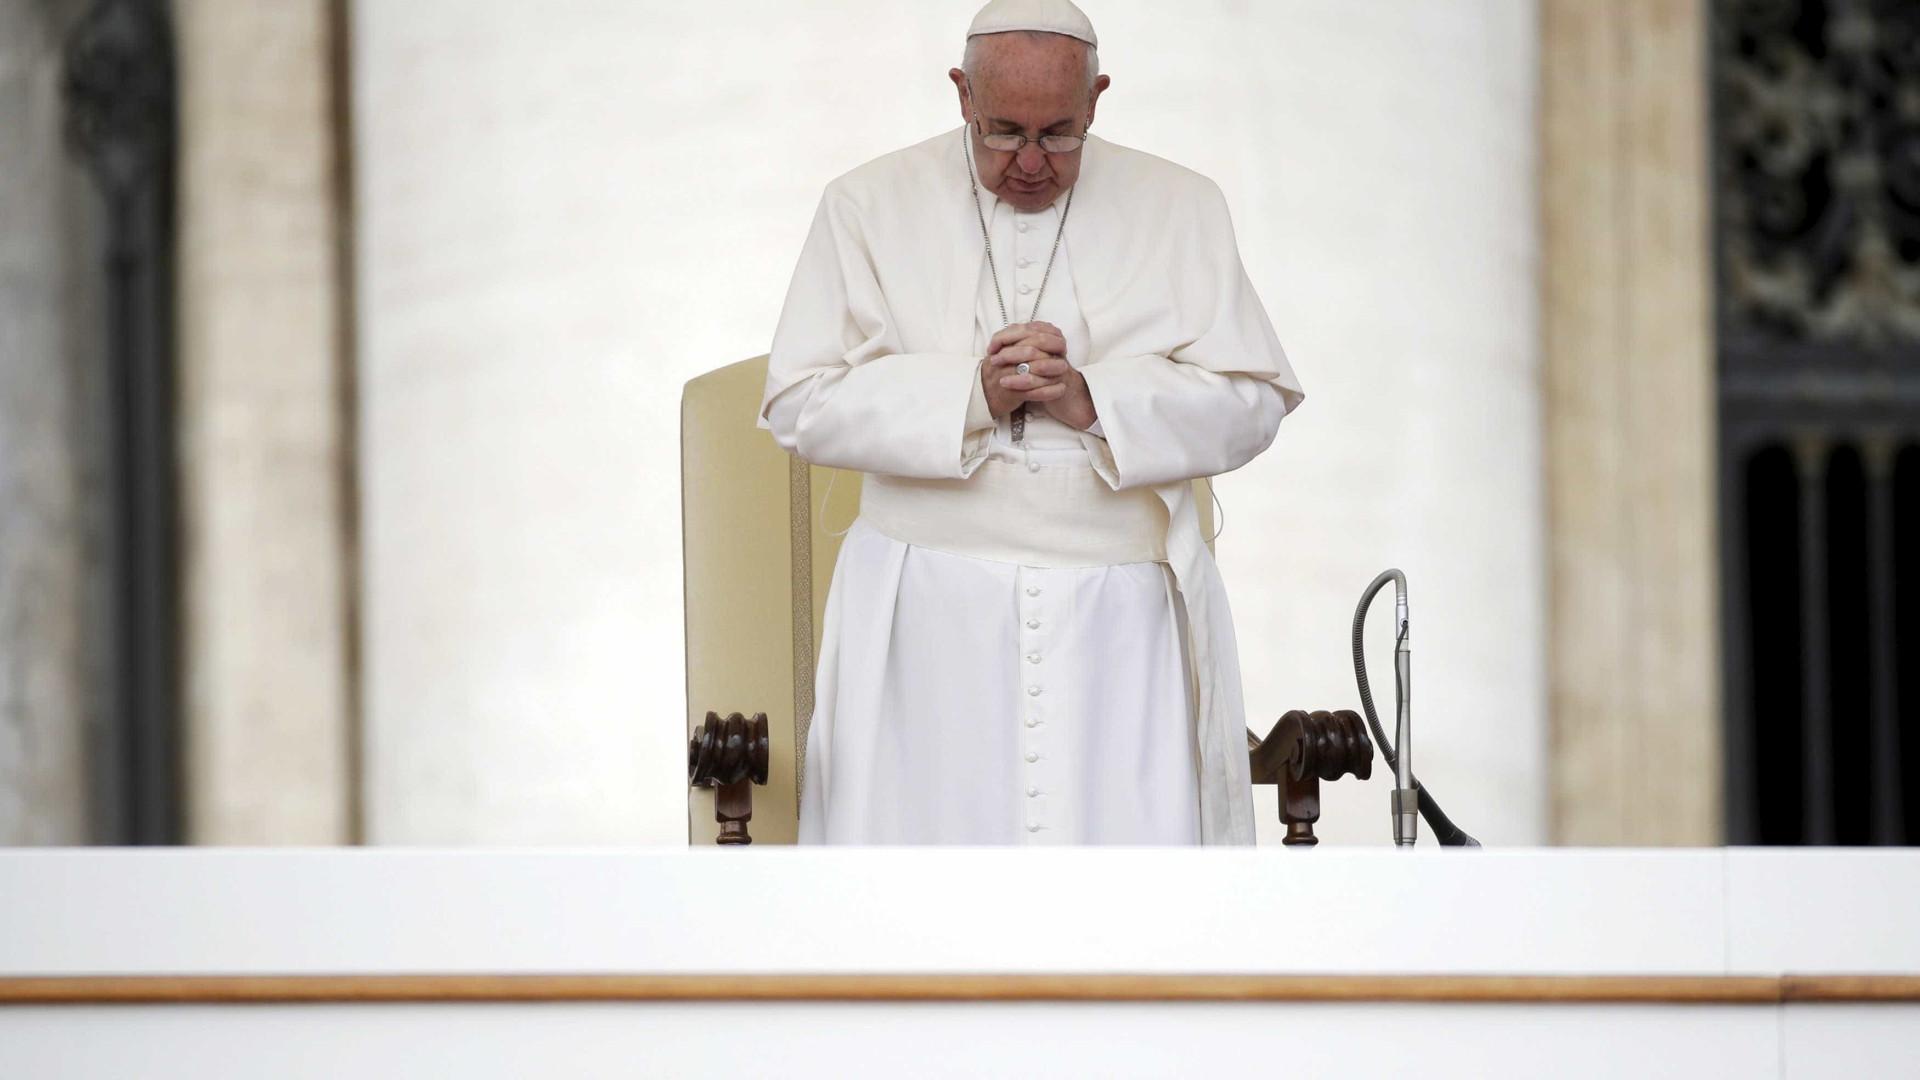 Em vídeo, Estado Islâmico ameaça papa Francisco: 'Chegaremos a Roma'